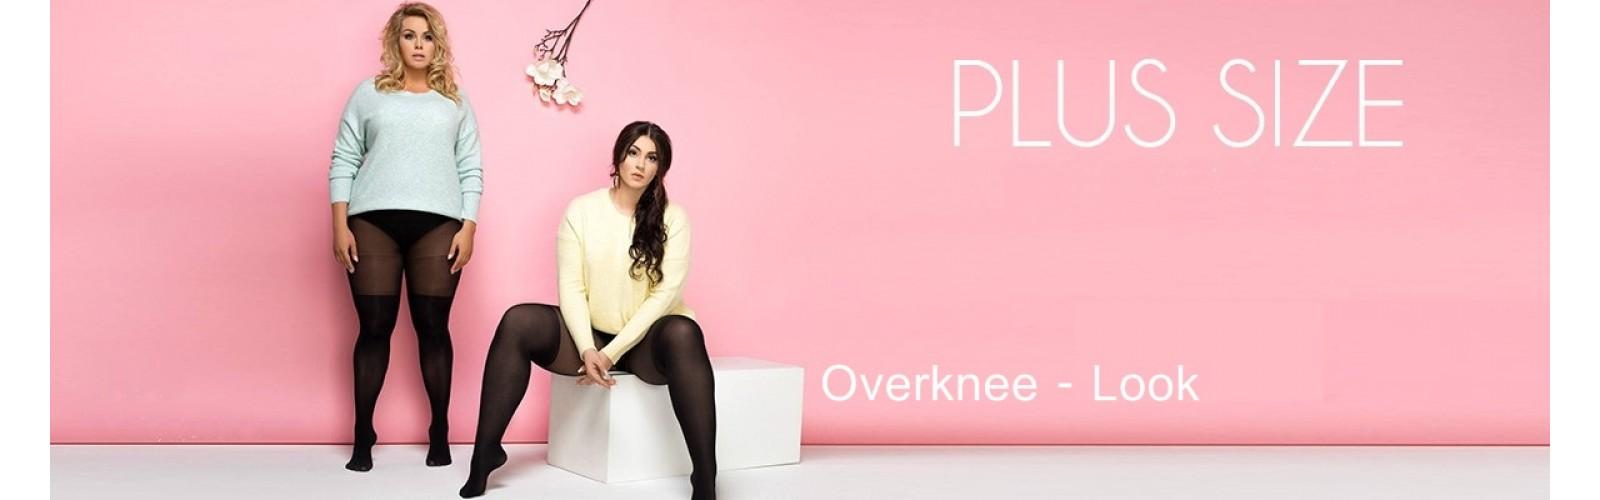 Panty overknee_LOOK